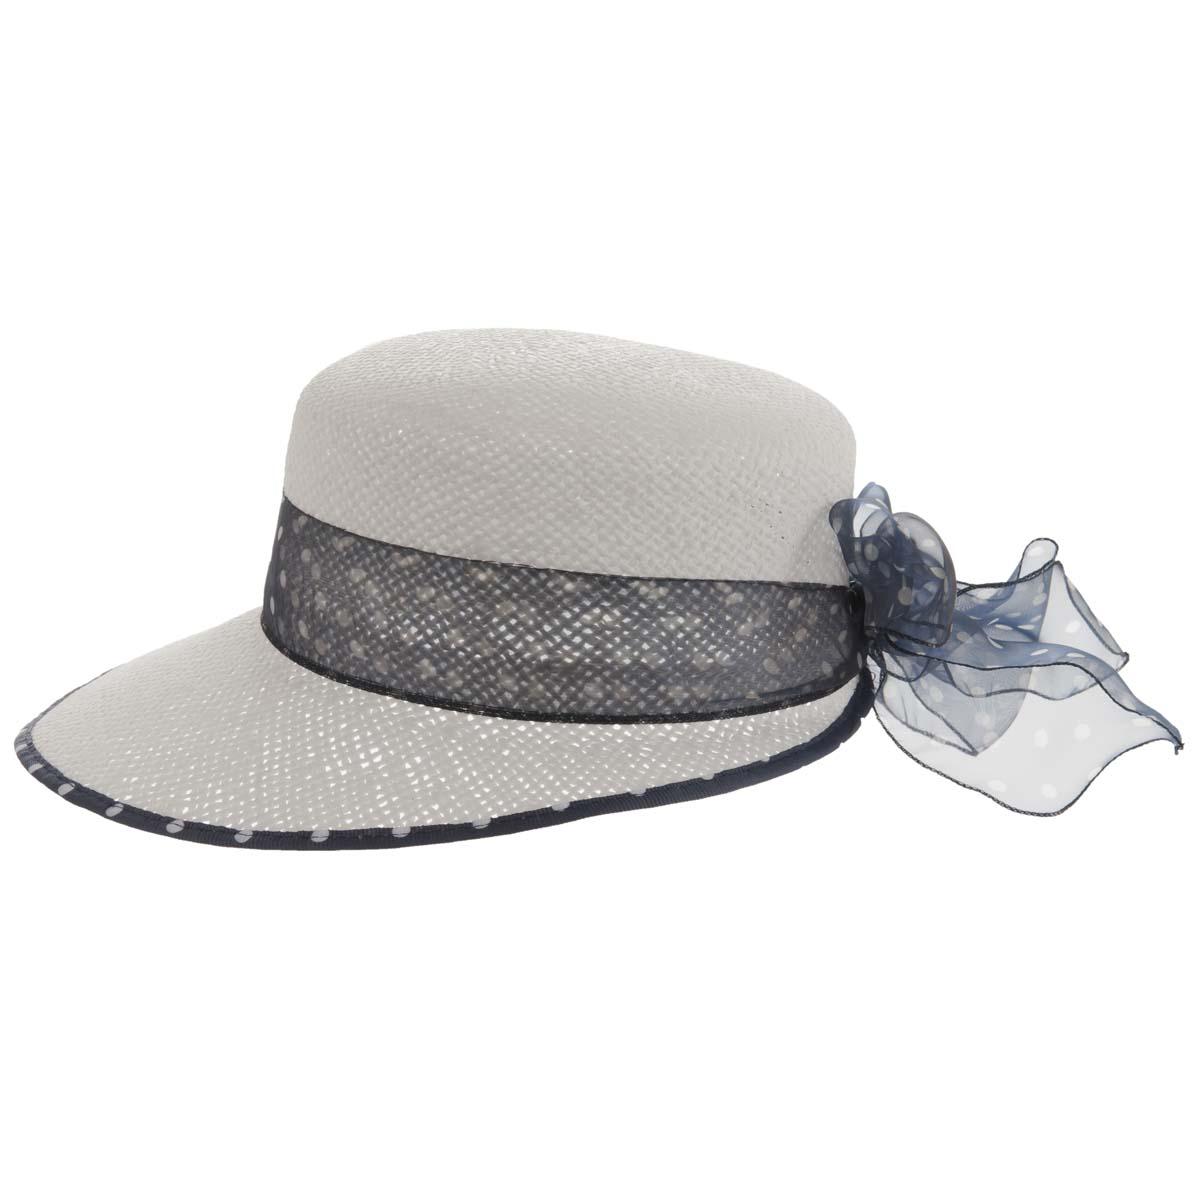 cappello da donna con visiera larga in paglia naturale aae5ecfb2bdf